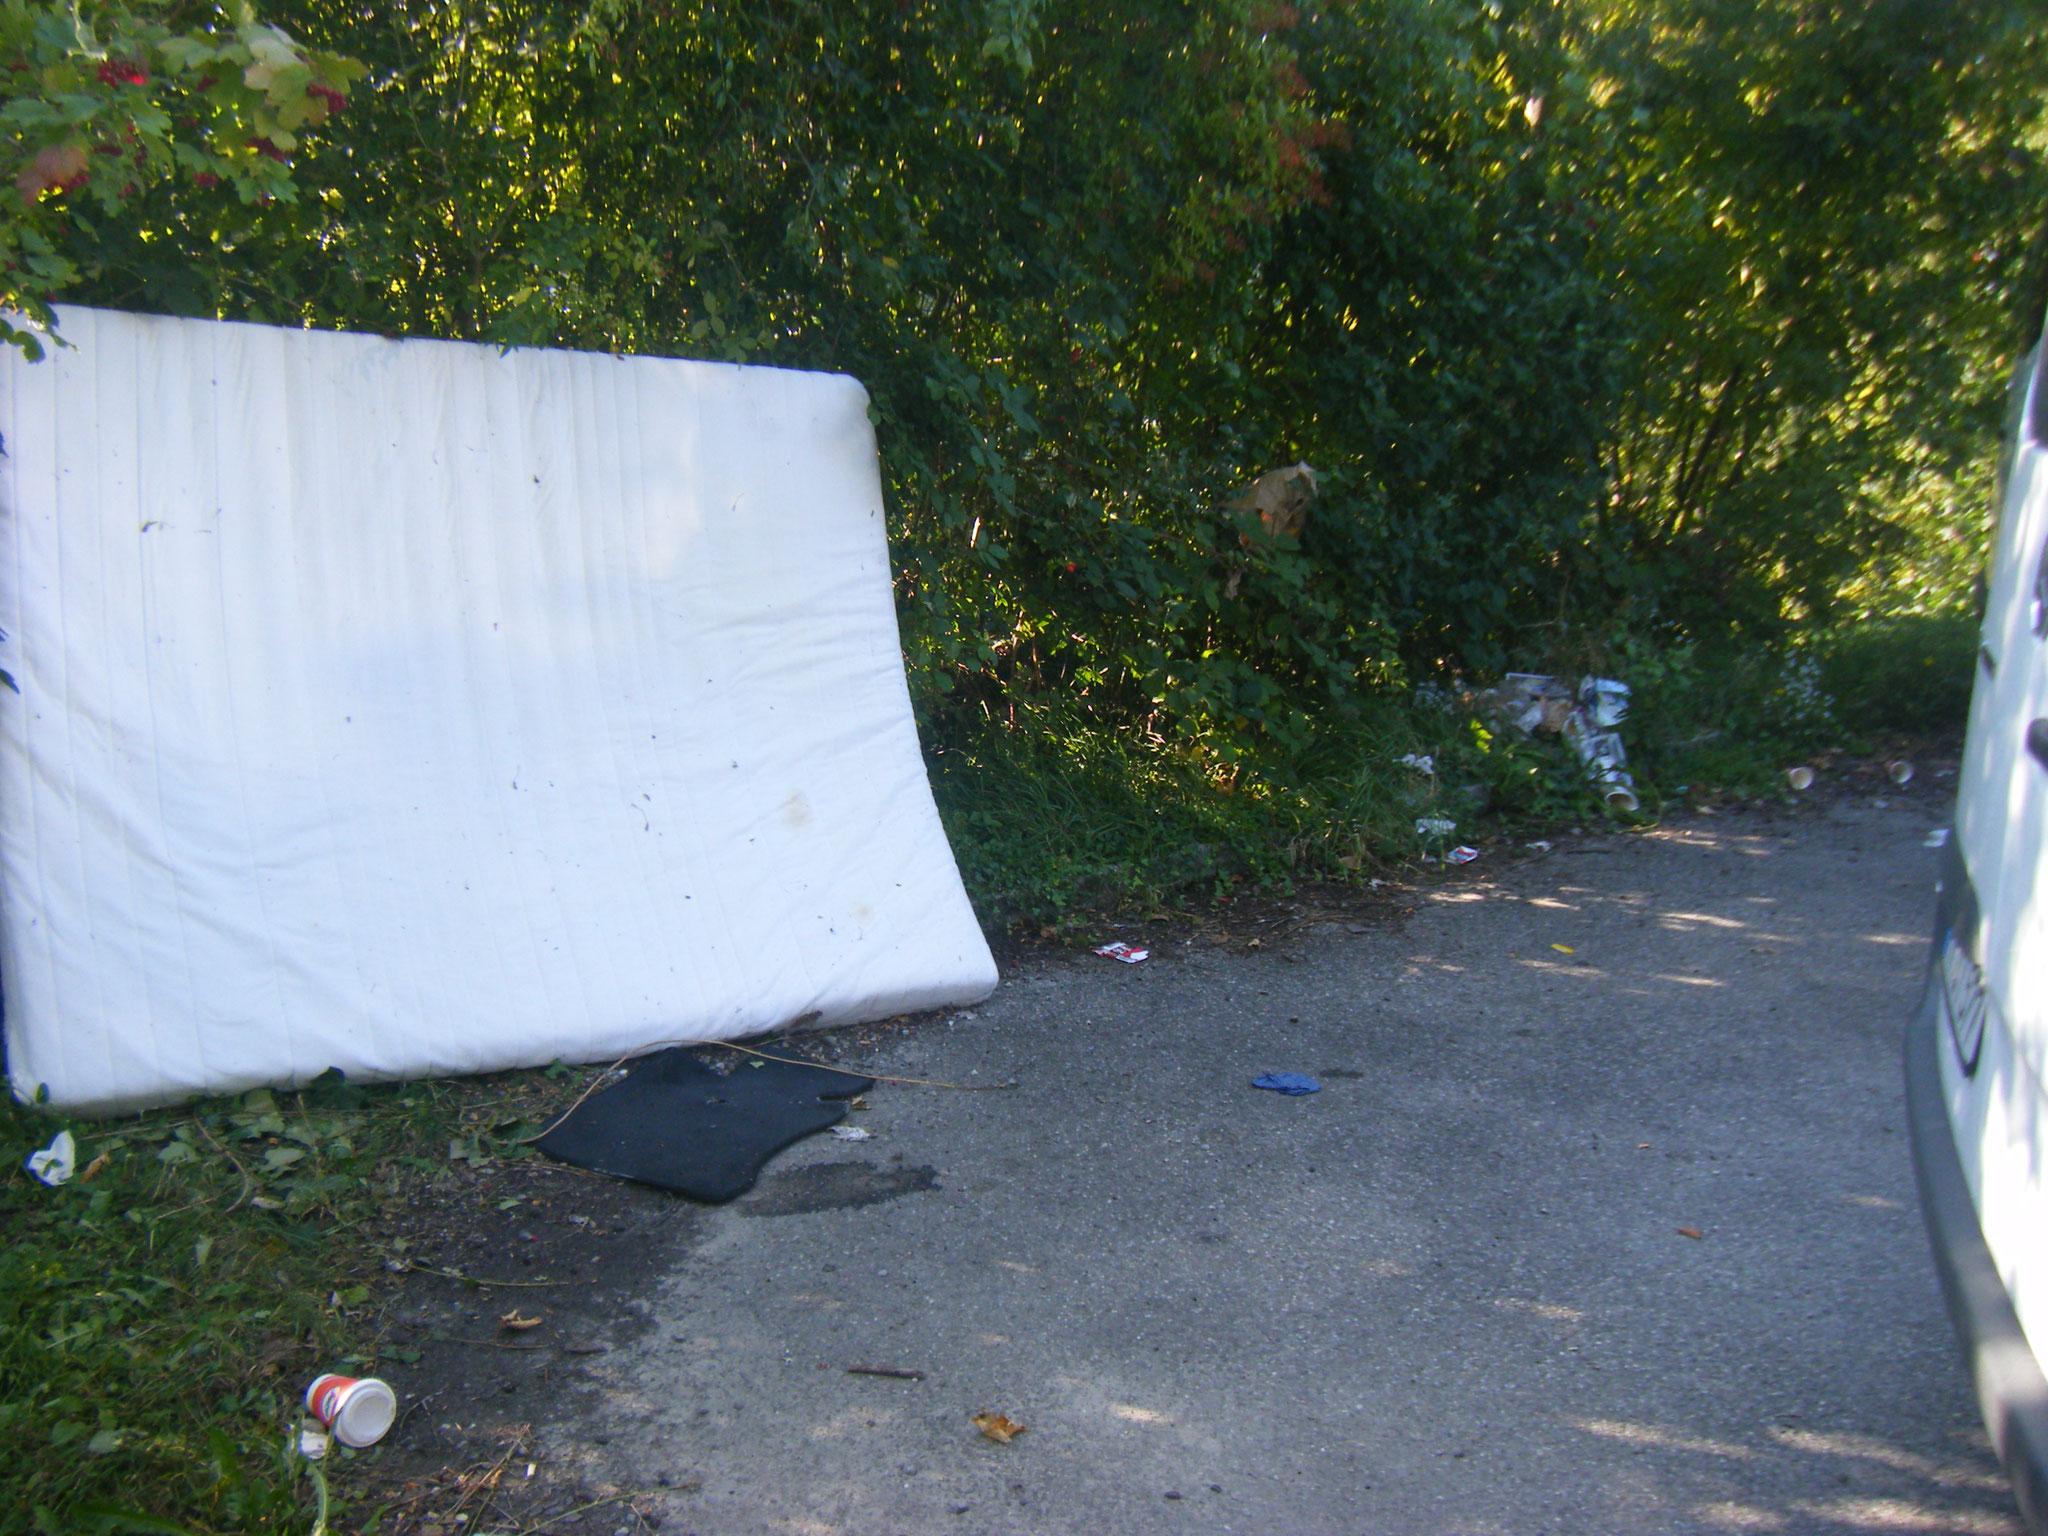 Das hintere Eck des ZF-Parkplatzes entwickelt sich zur Müllkippe - eine Matratze wurde einfach an die Böschung gelehnt.